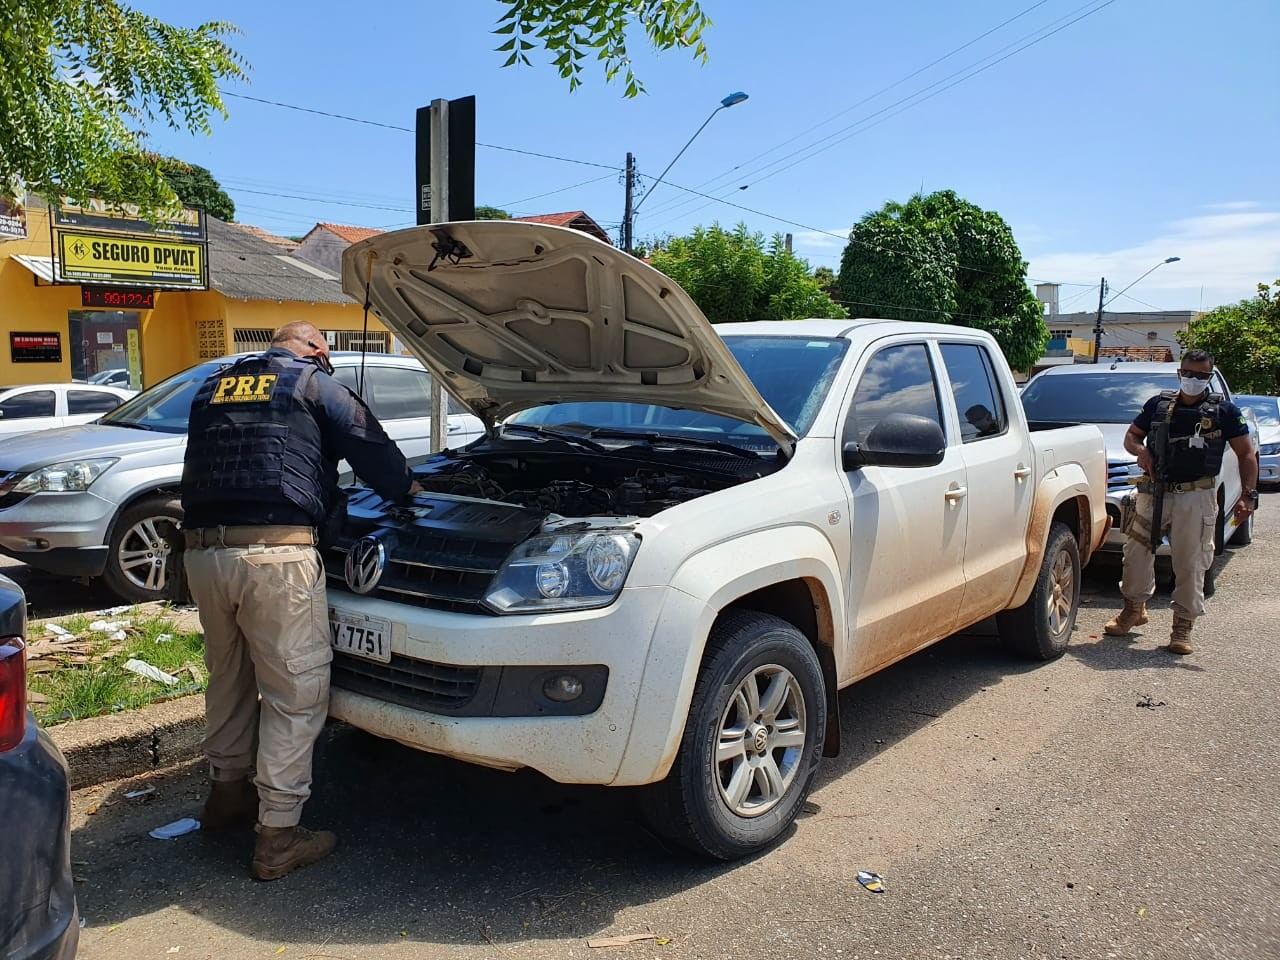 Após denúncia, PRF apreende veículo com ocorrência de roubo e documento falso em Santarém